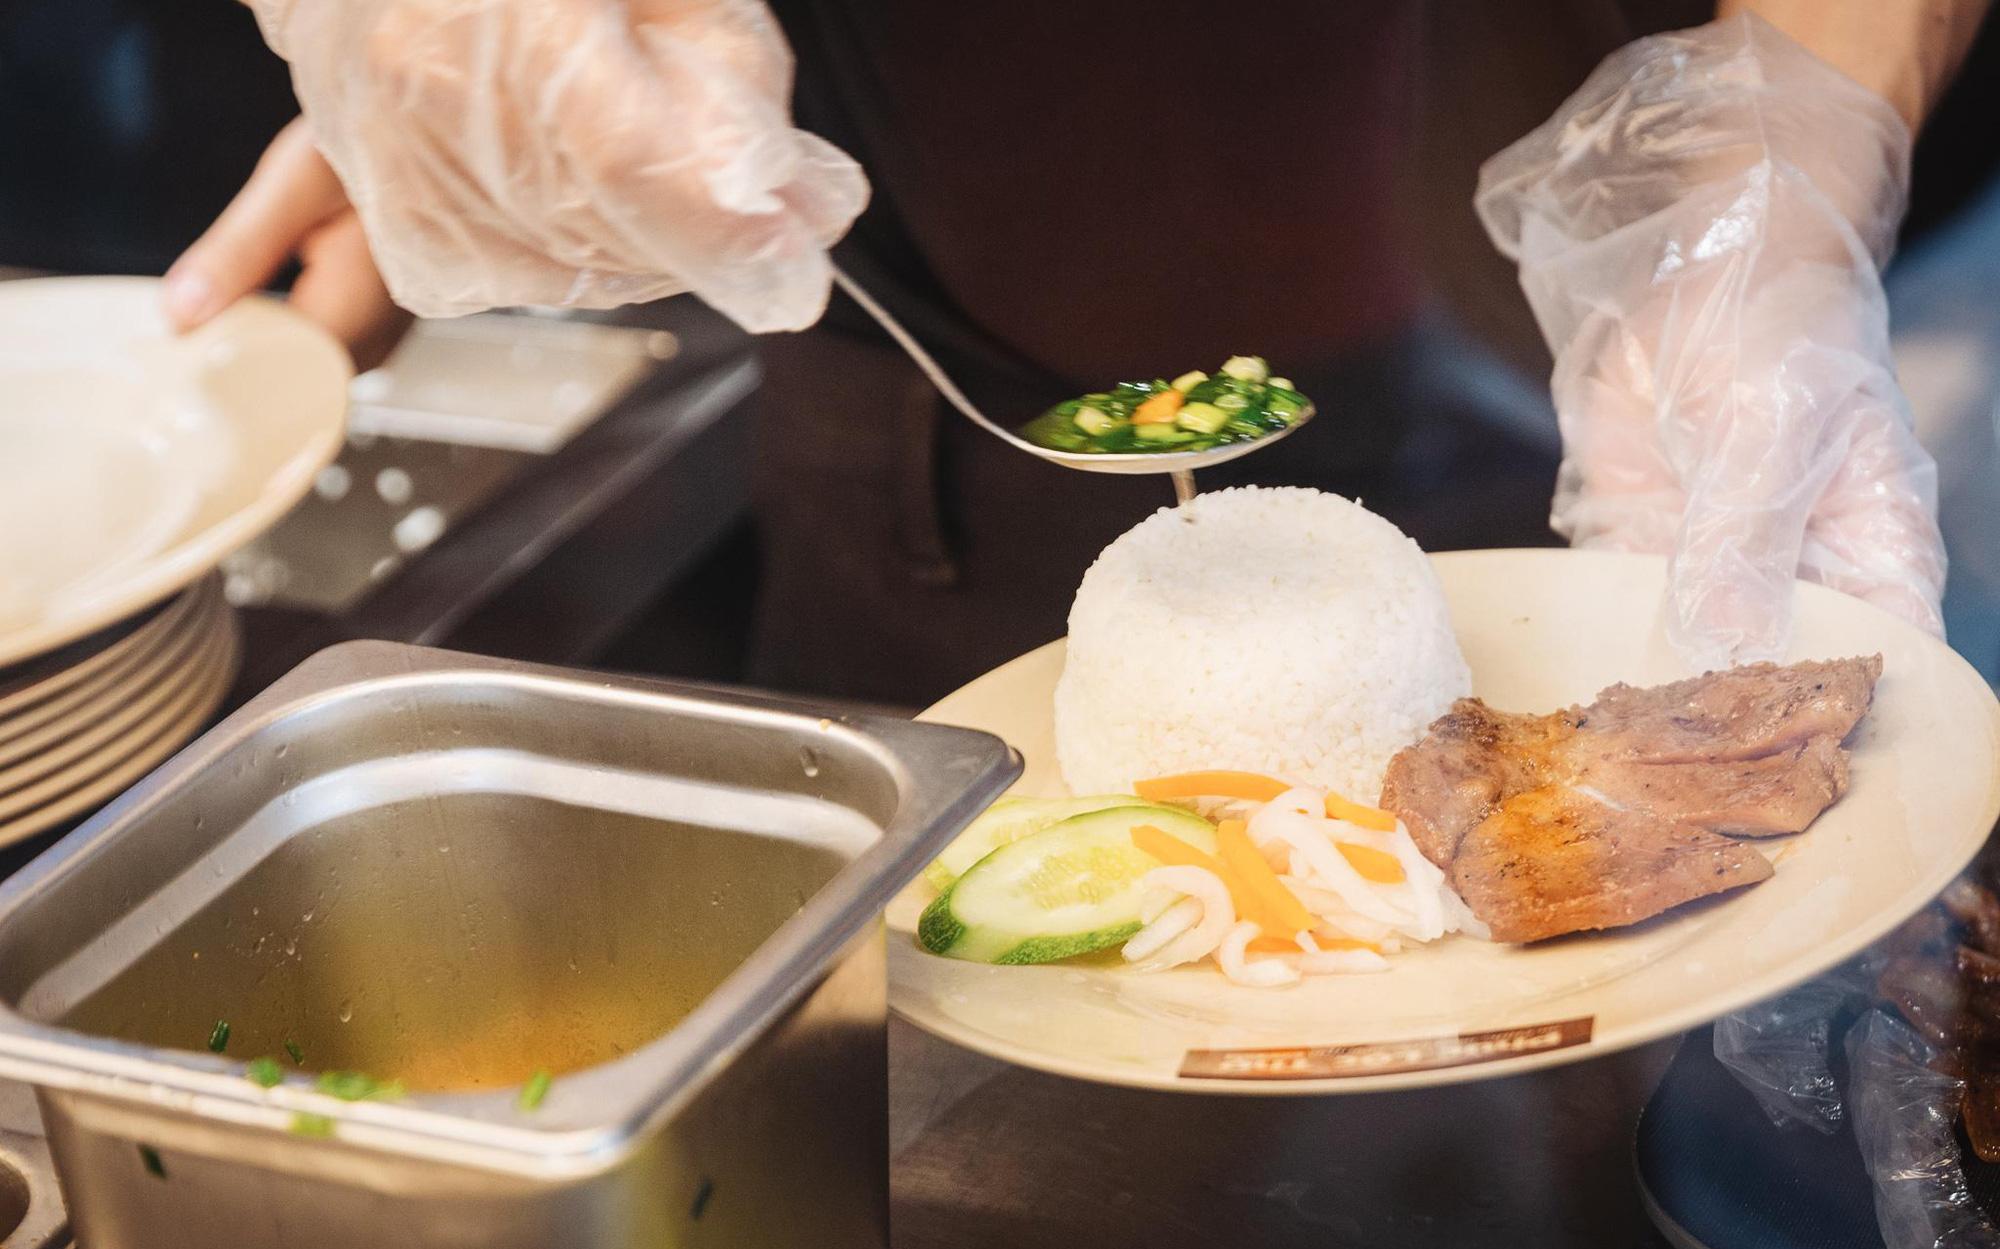 """Trót mê mẩn cơm tấm thì không thể bỏ qua địa chỉ """"ngon nức lòng"""" ở Sài Gòn"""